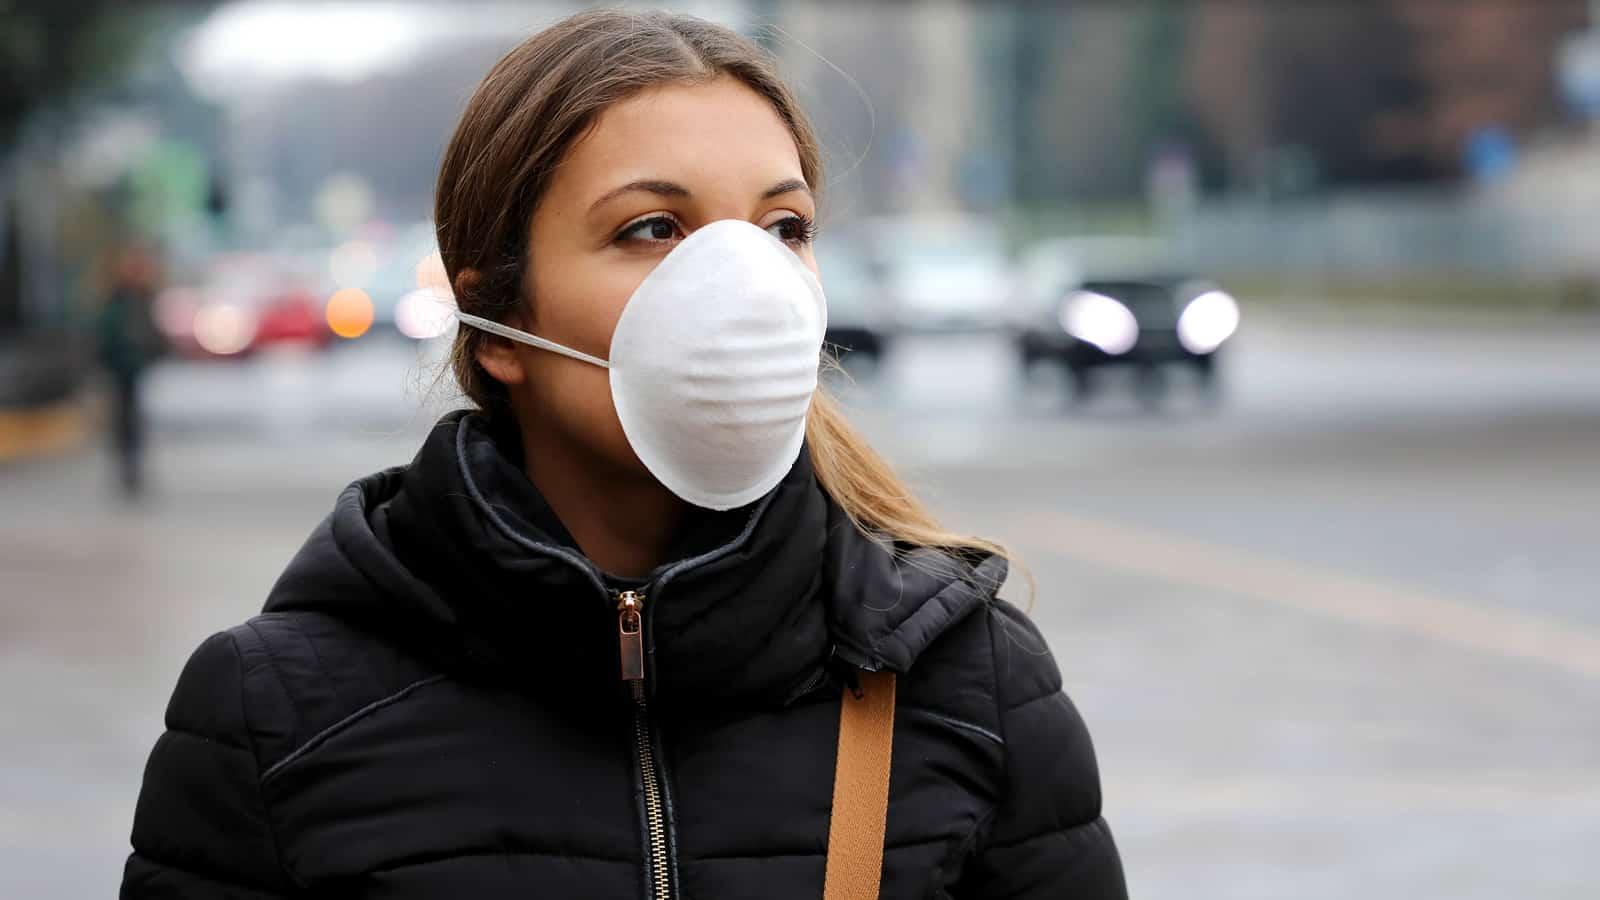 face mask virus